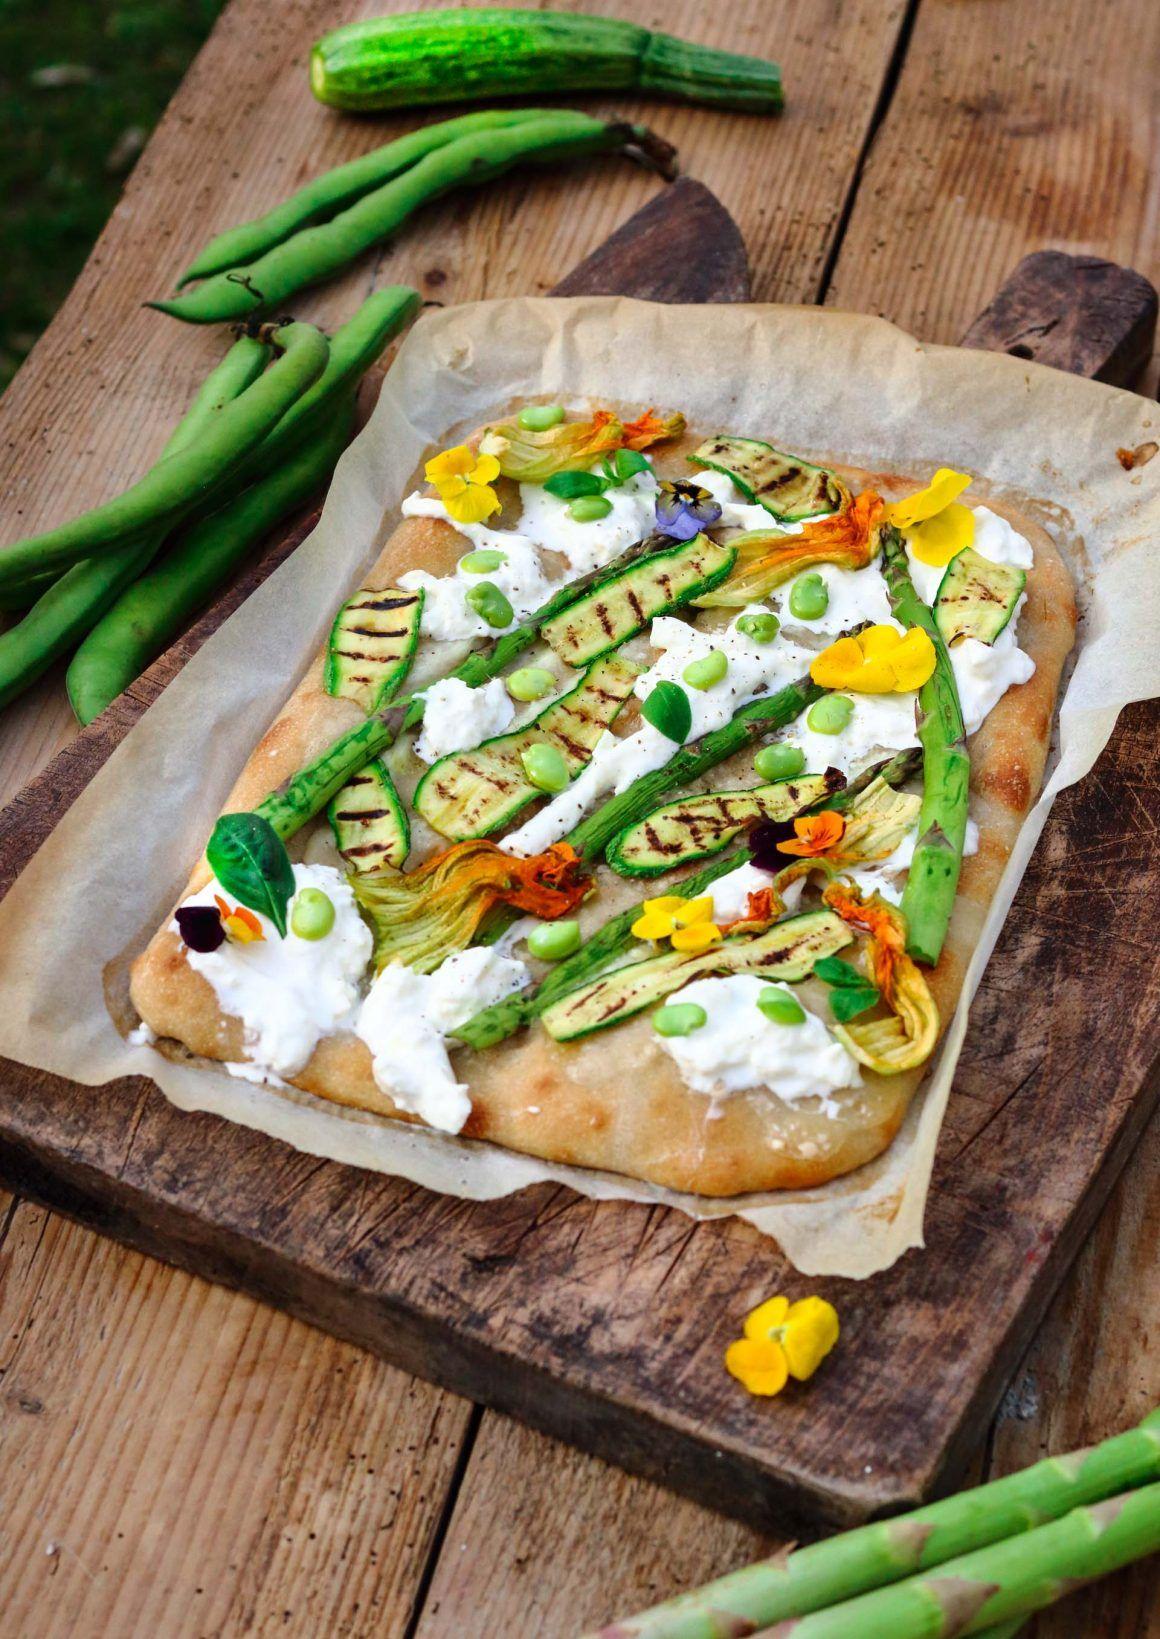 96ff72be009f9e7a2ccde86310d6883f - Pizze Gourmet Ricette